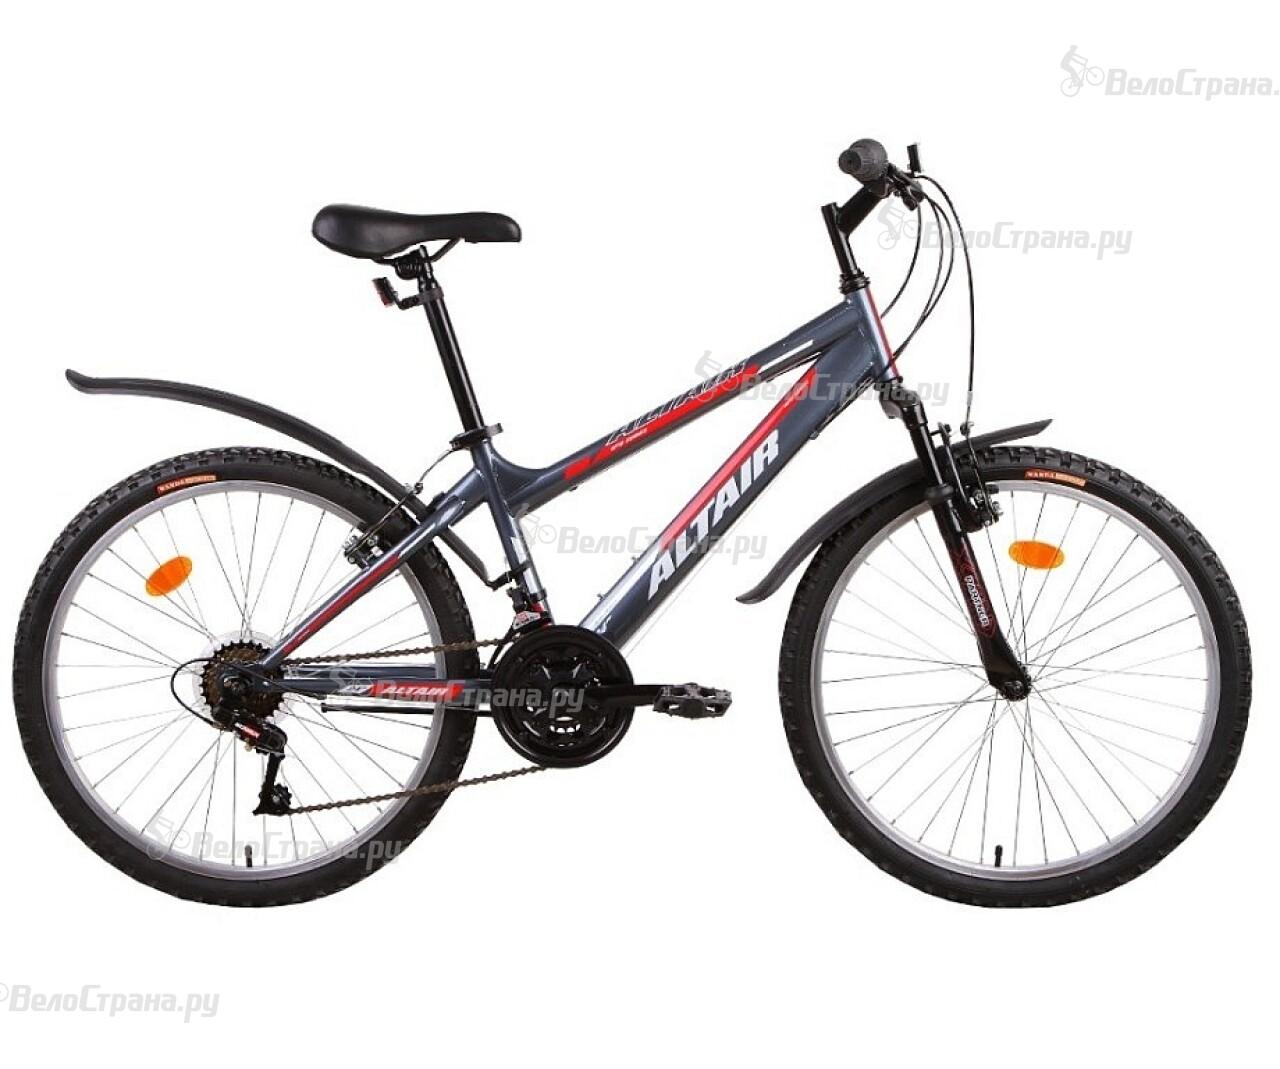 Велосипед Forward Altair MTB HT Junior 24 (2015) велосипед forward valencia 1 0 24 2016